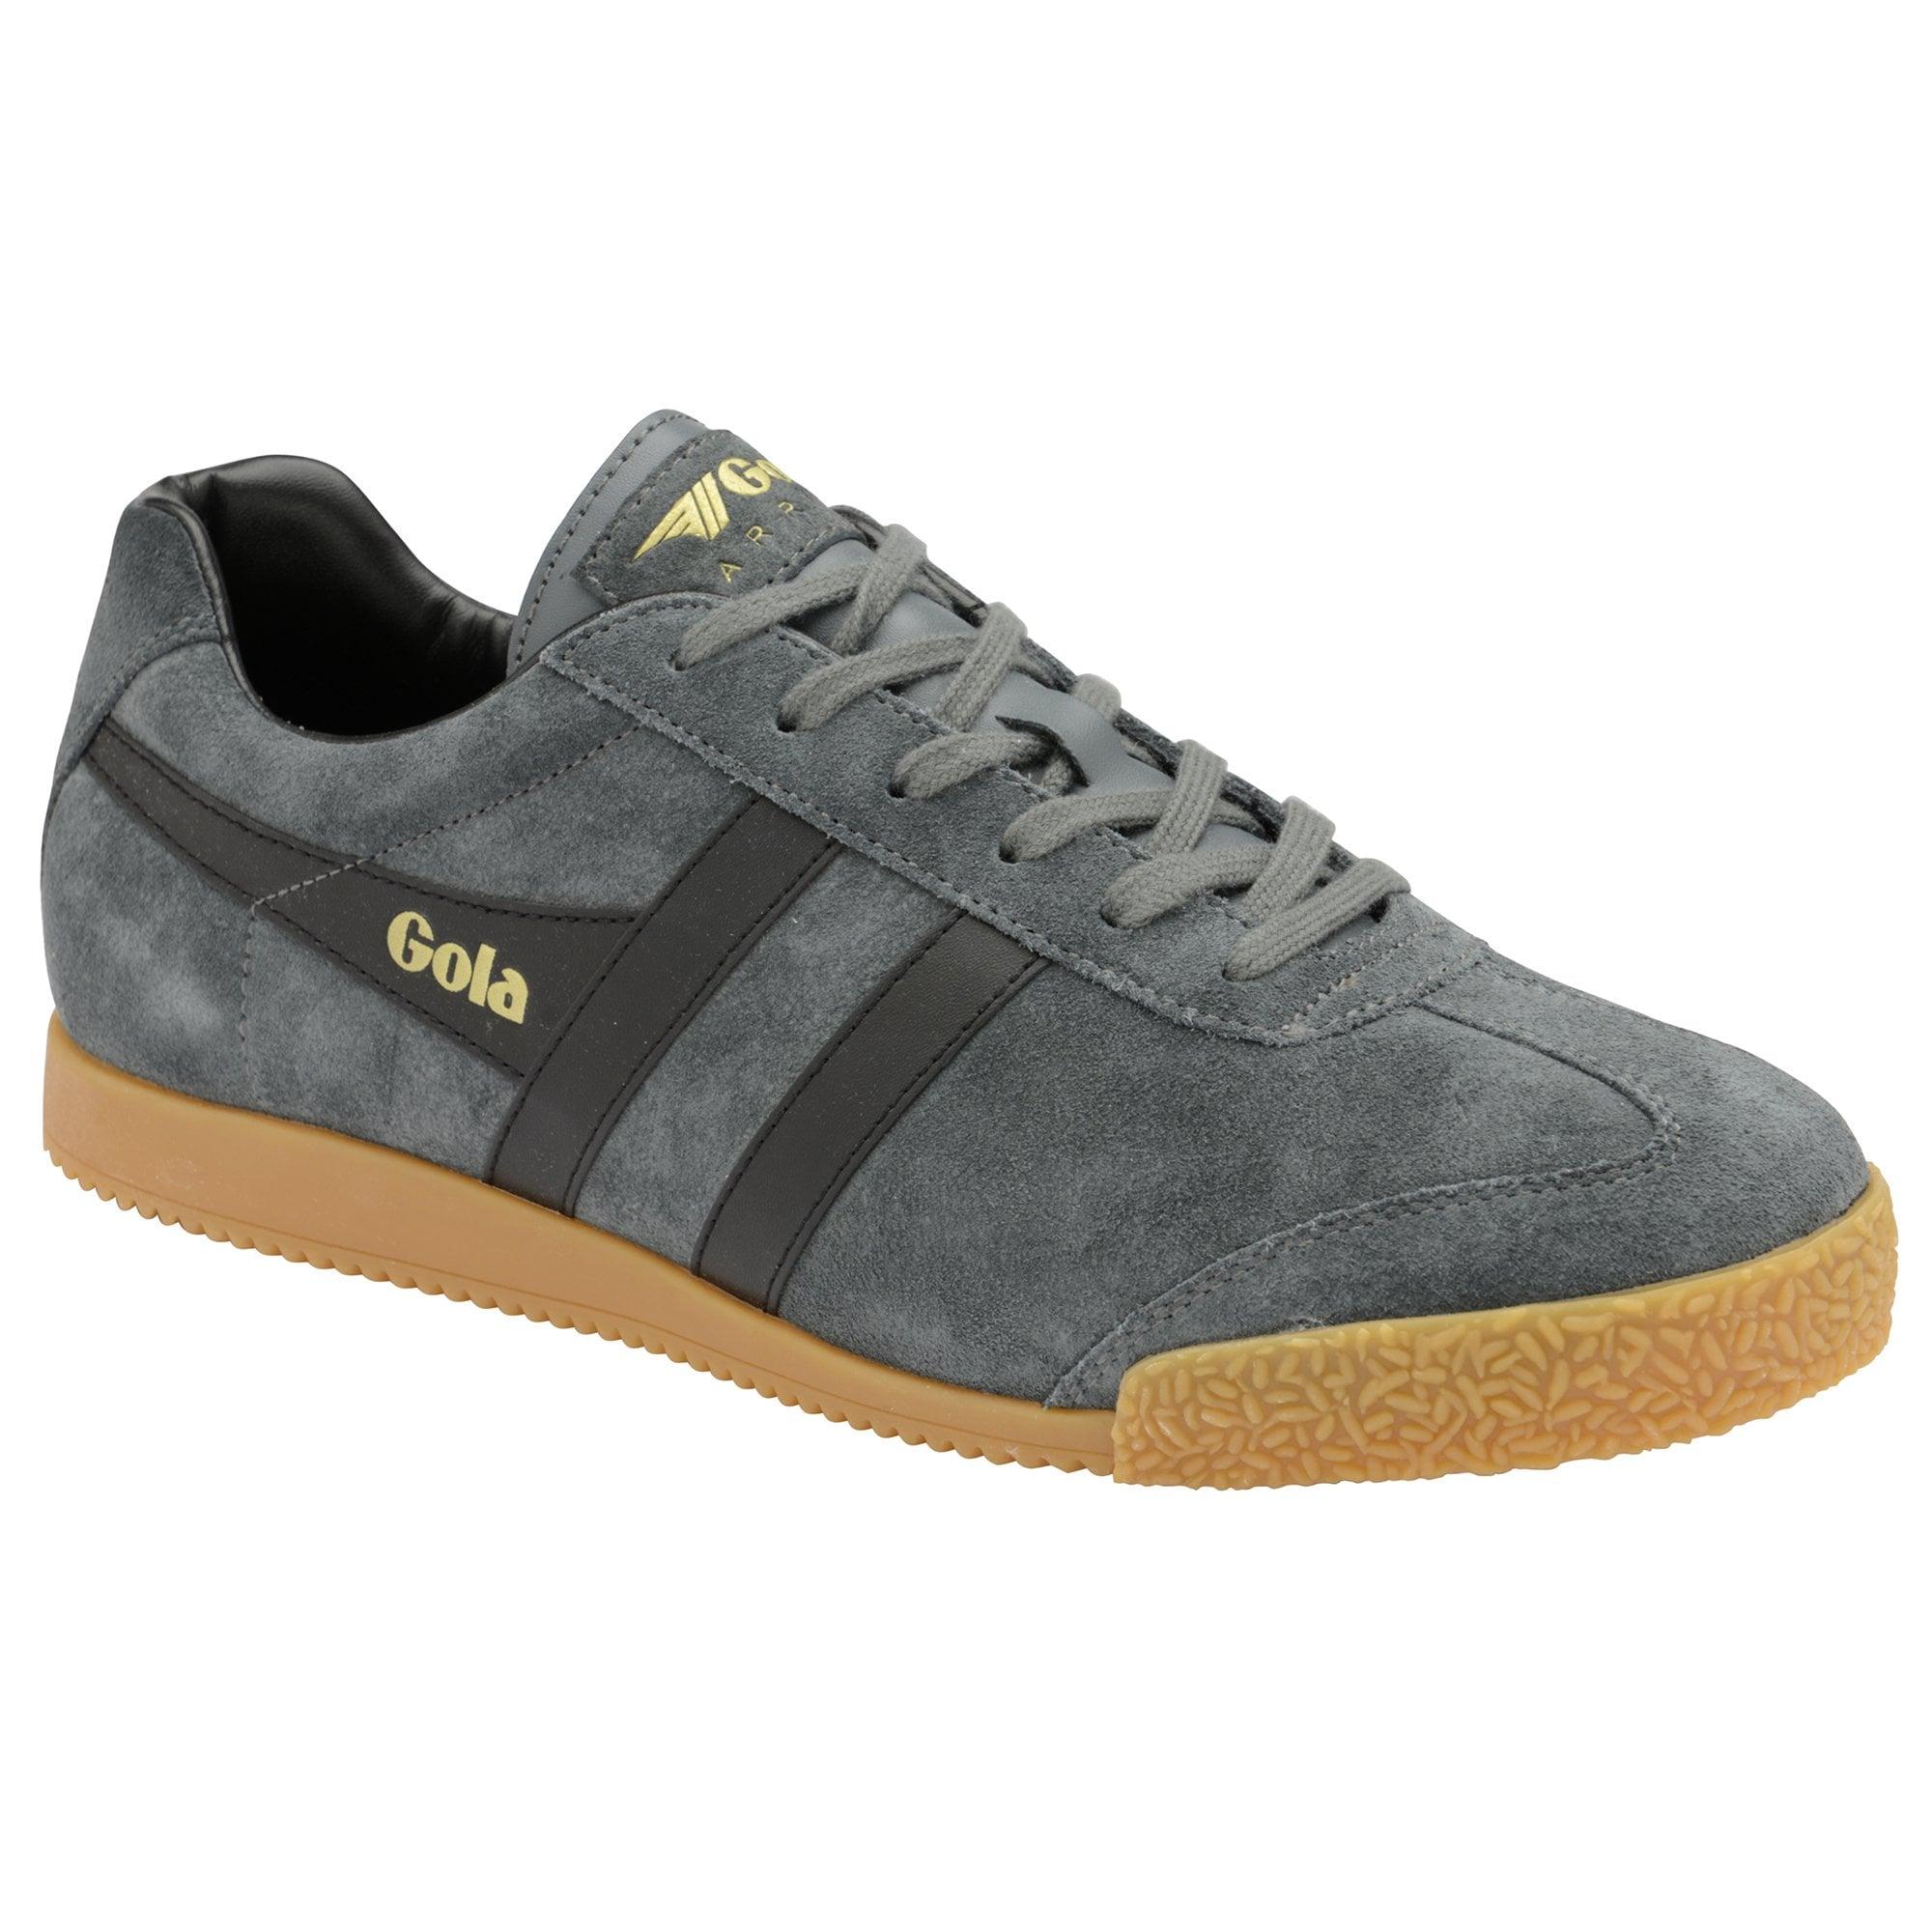 Buy Gola mens Harrier sneaker online